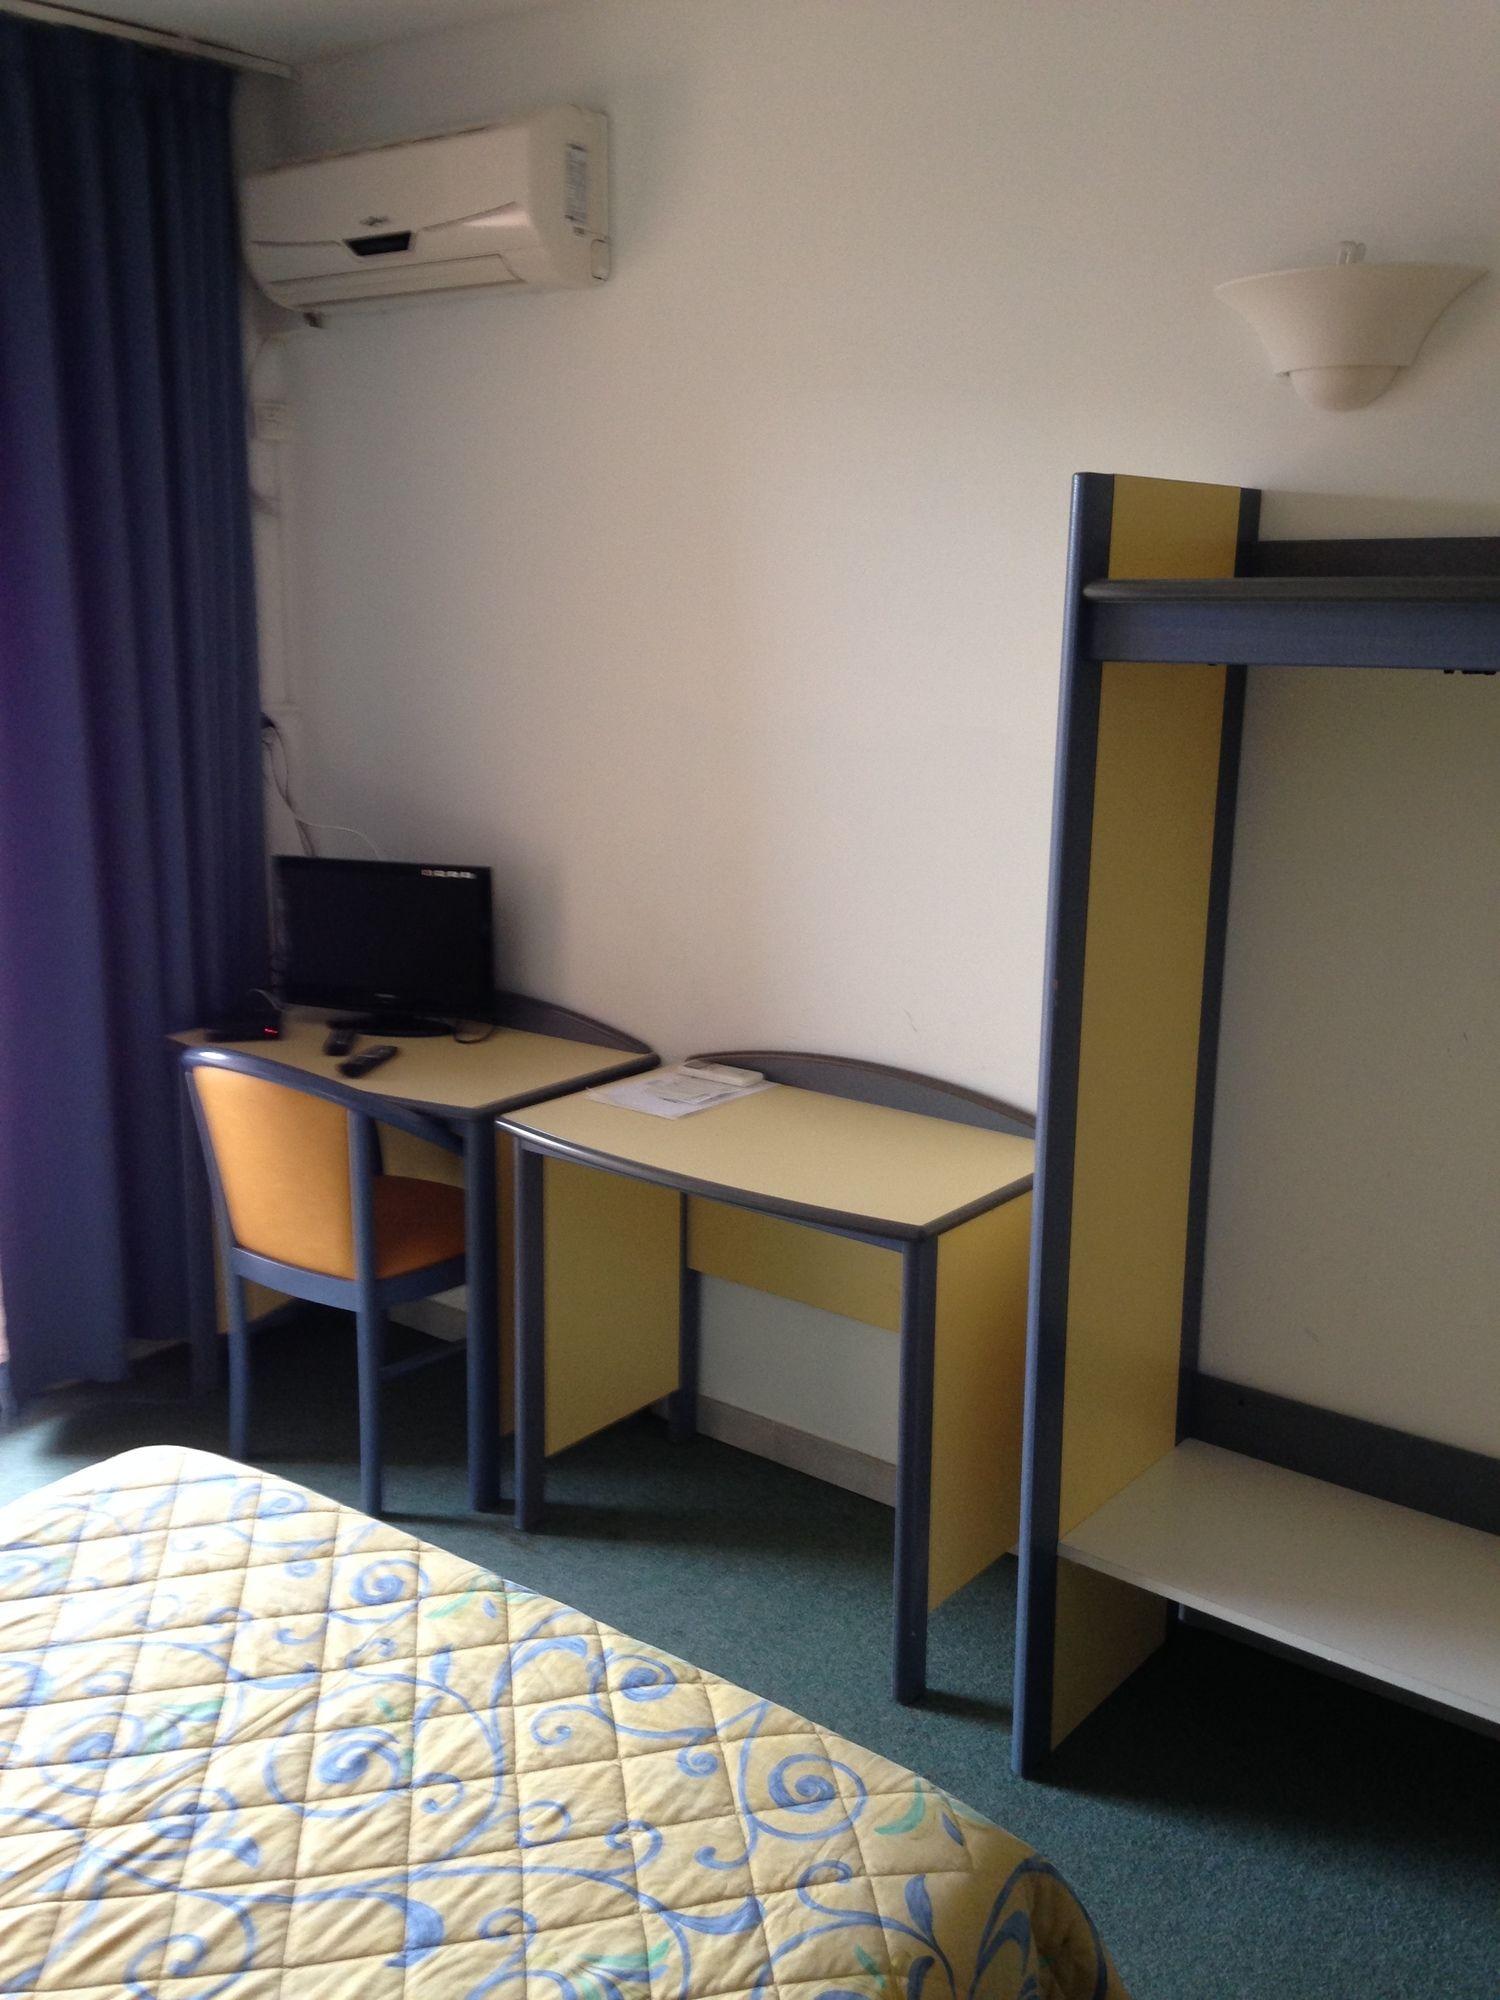 Gallery image of Hôtel Hibiscus